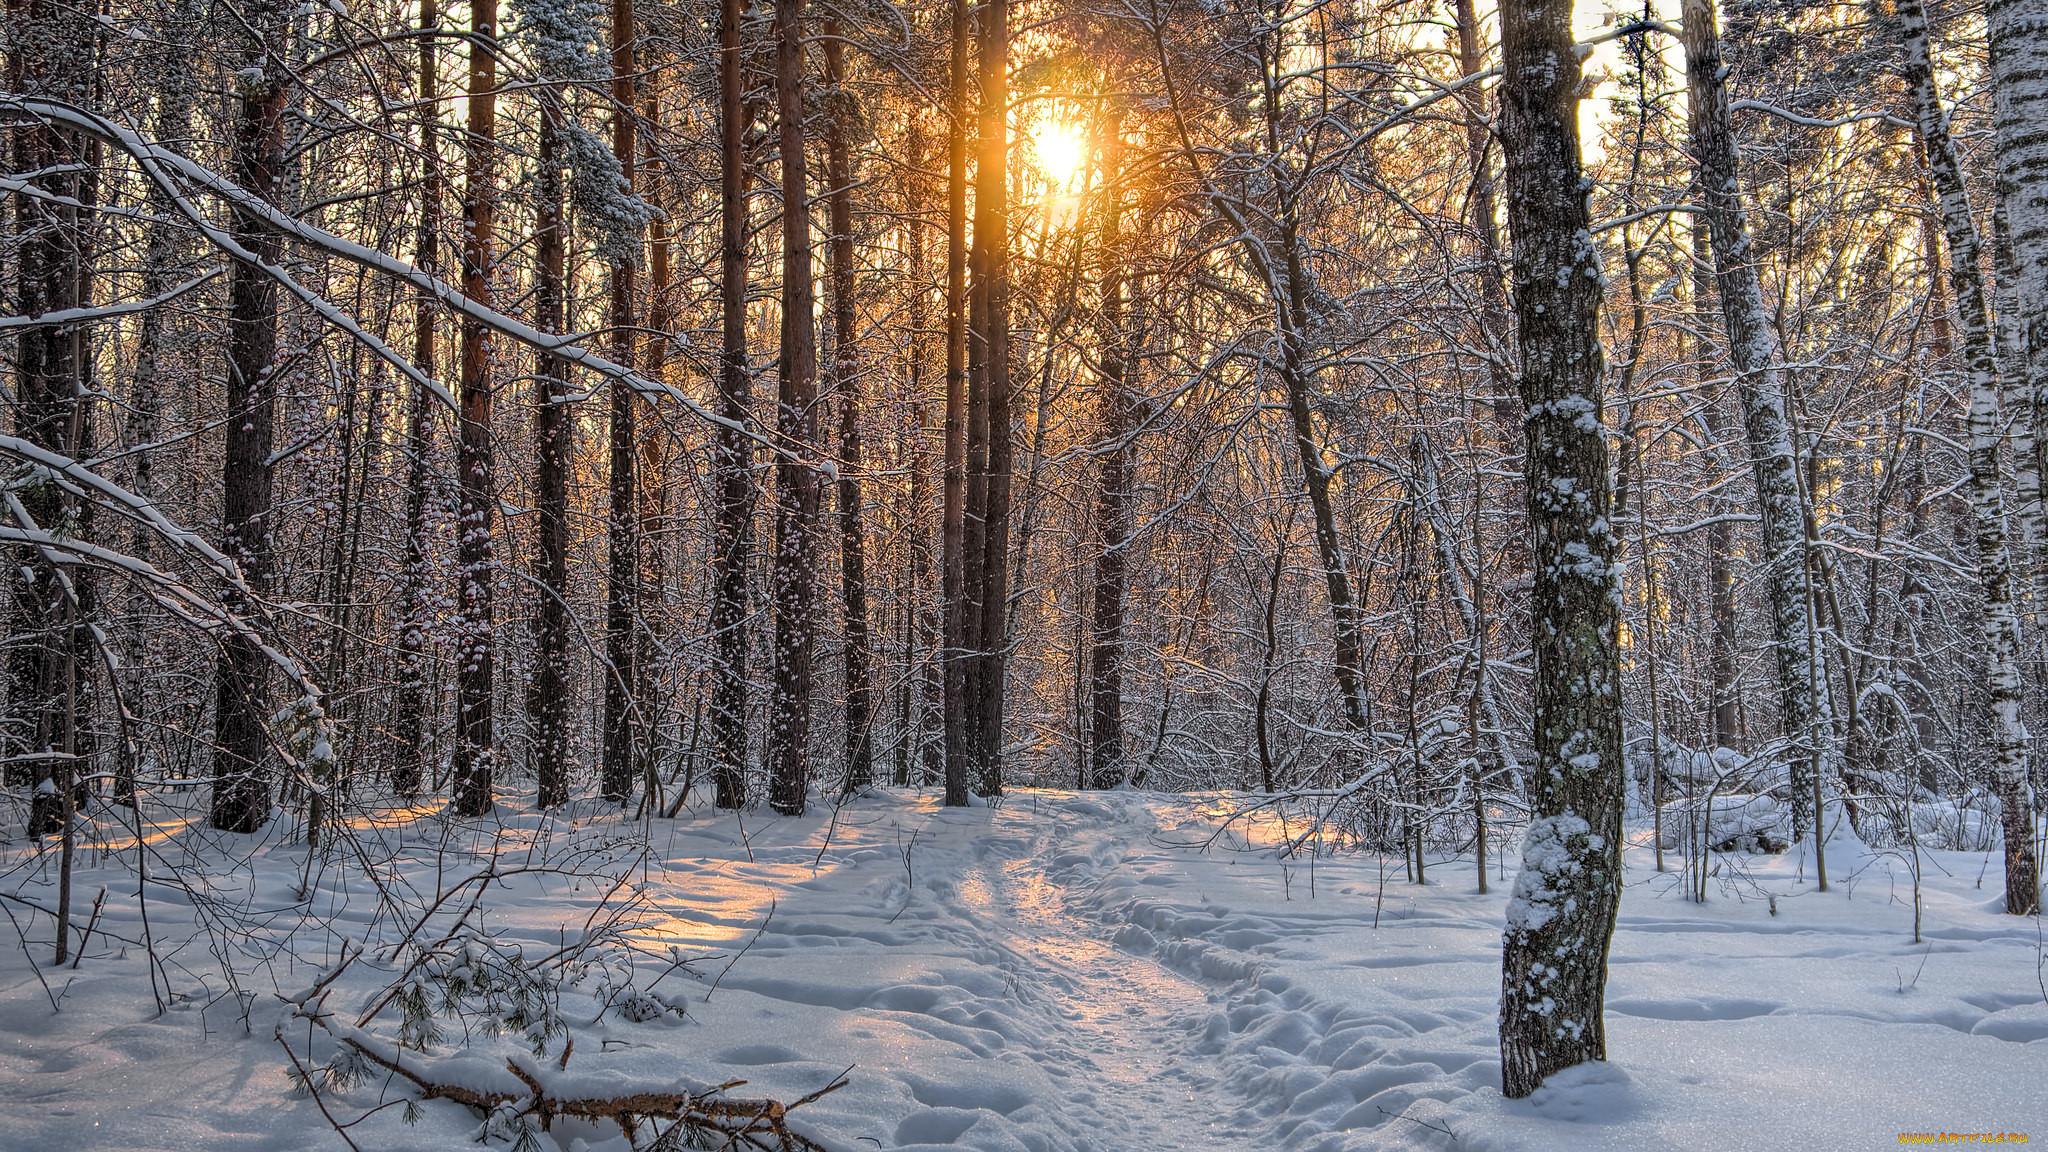 ехать как правильно фотографировать природу зимой для них